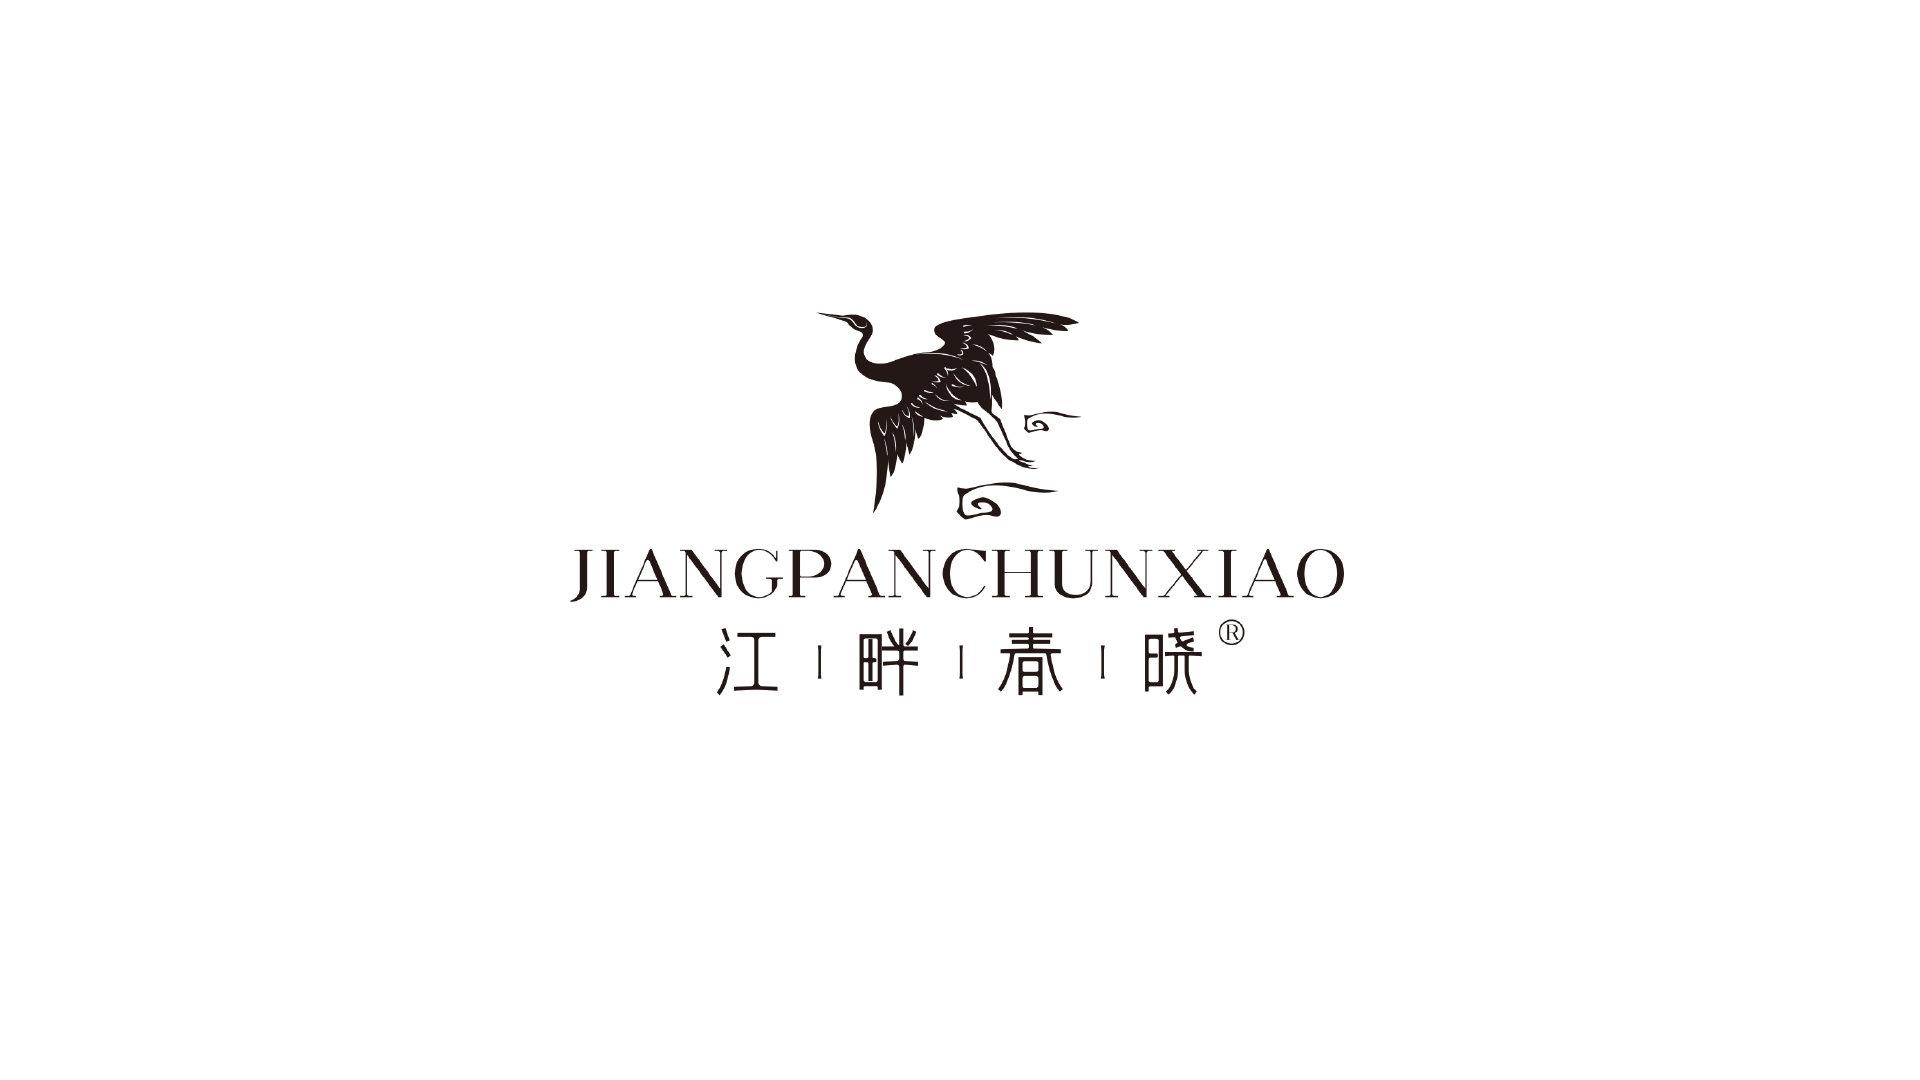 江畔春晓 餐厅品牌形象概念logo设计-Rhino